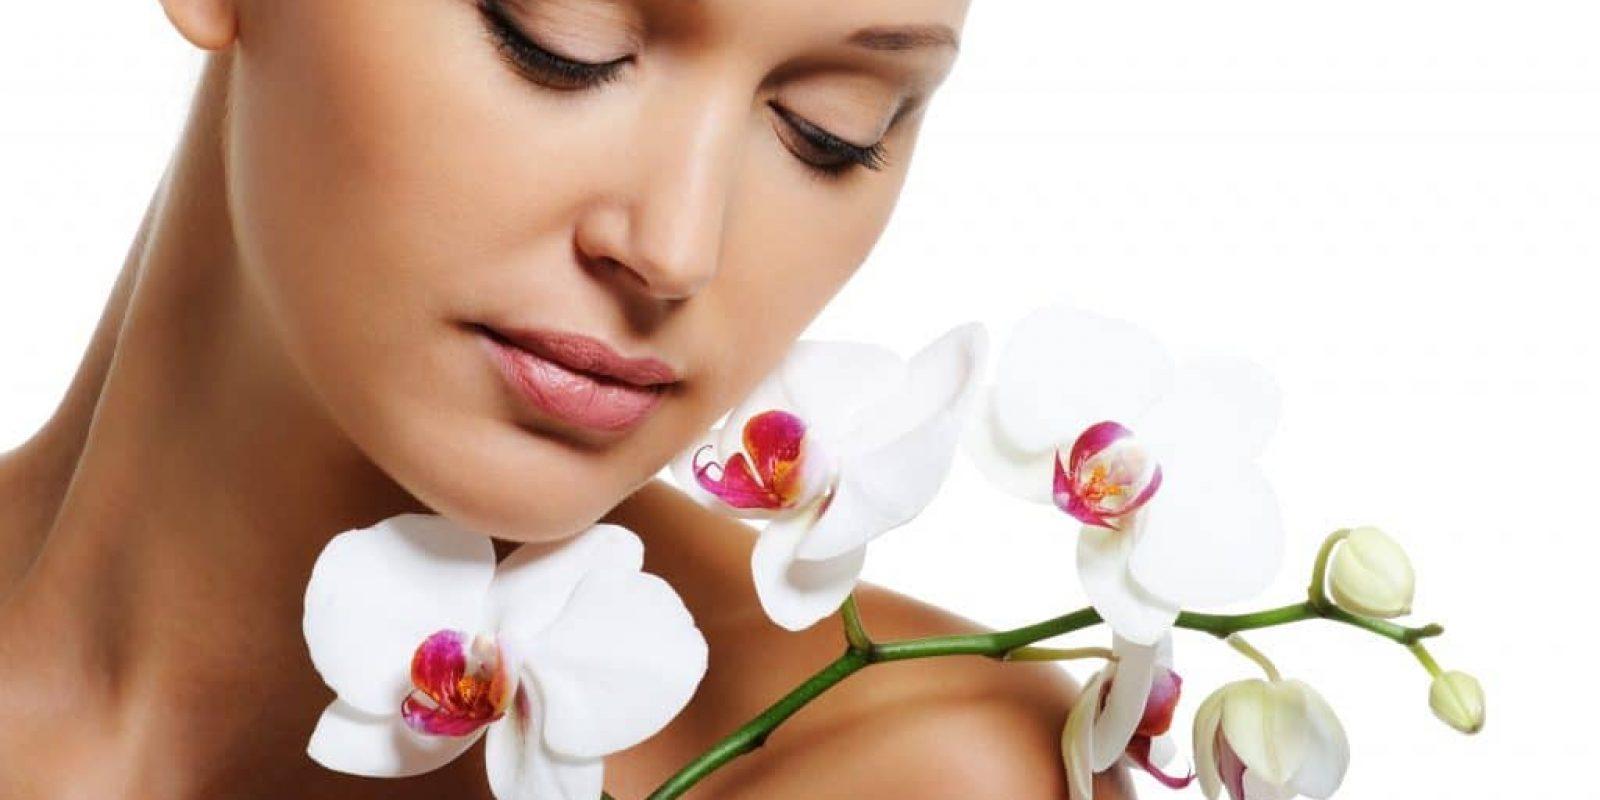 brilliant skin care